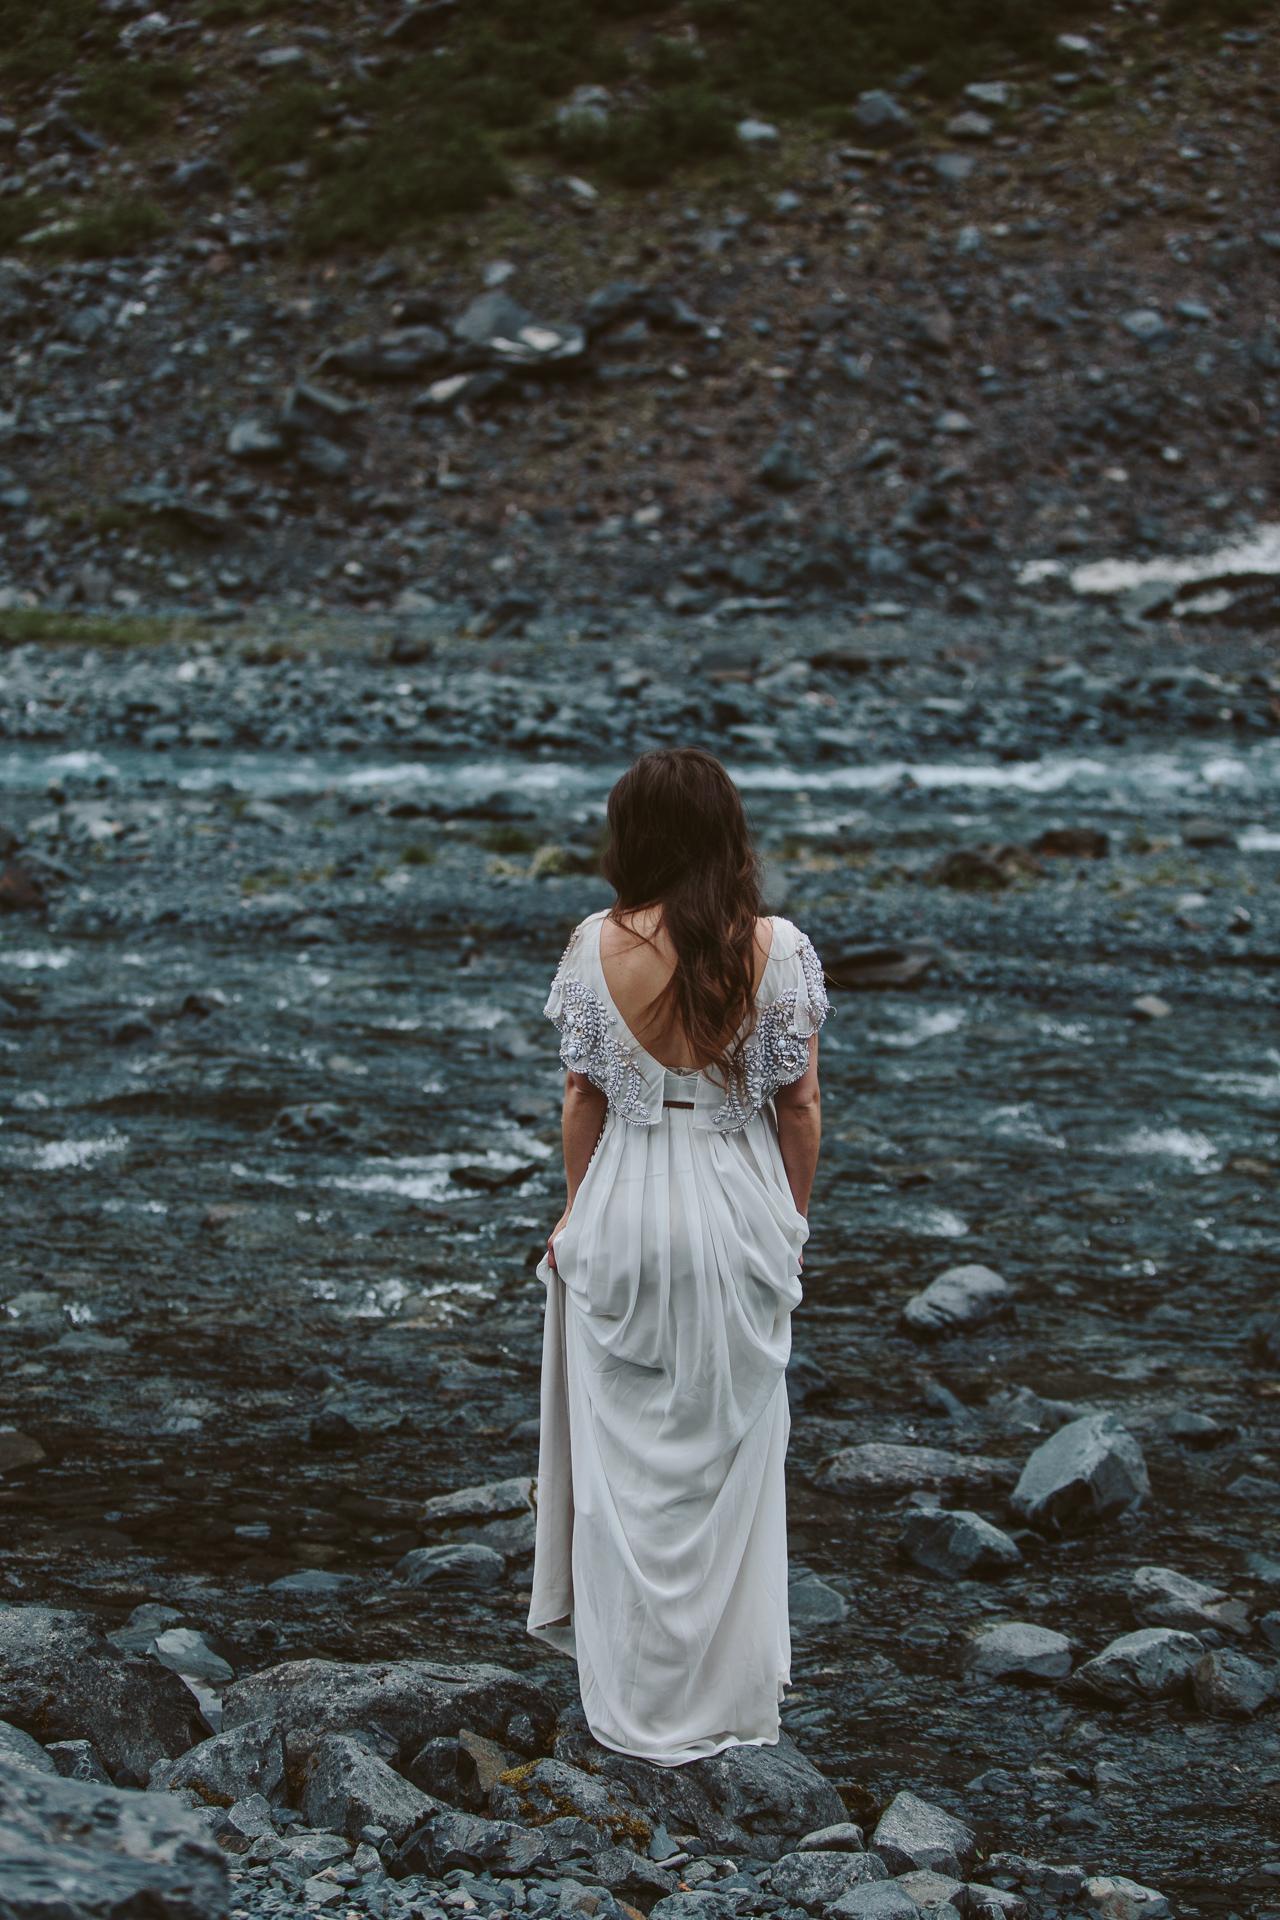 jess-hunter-photographer-alaska-destination-elopement-6127.jpg